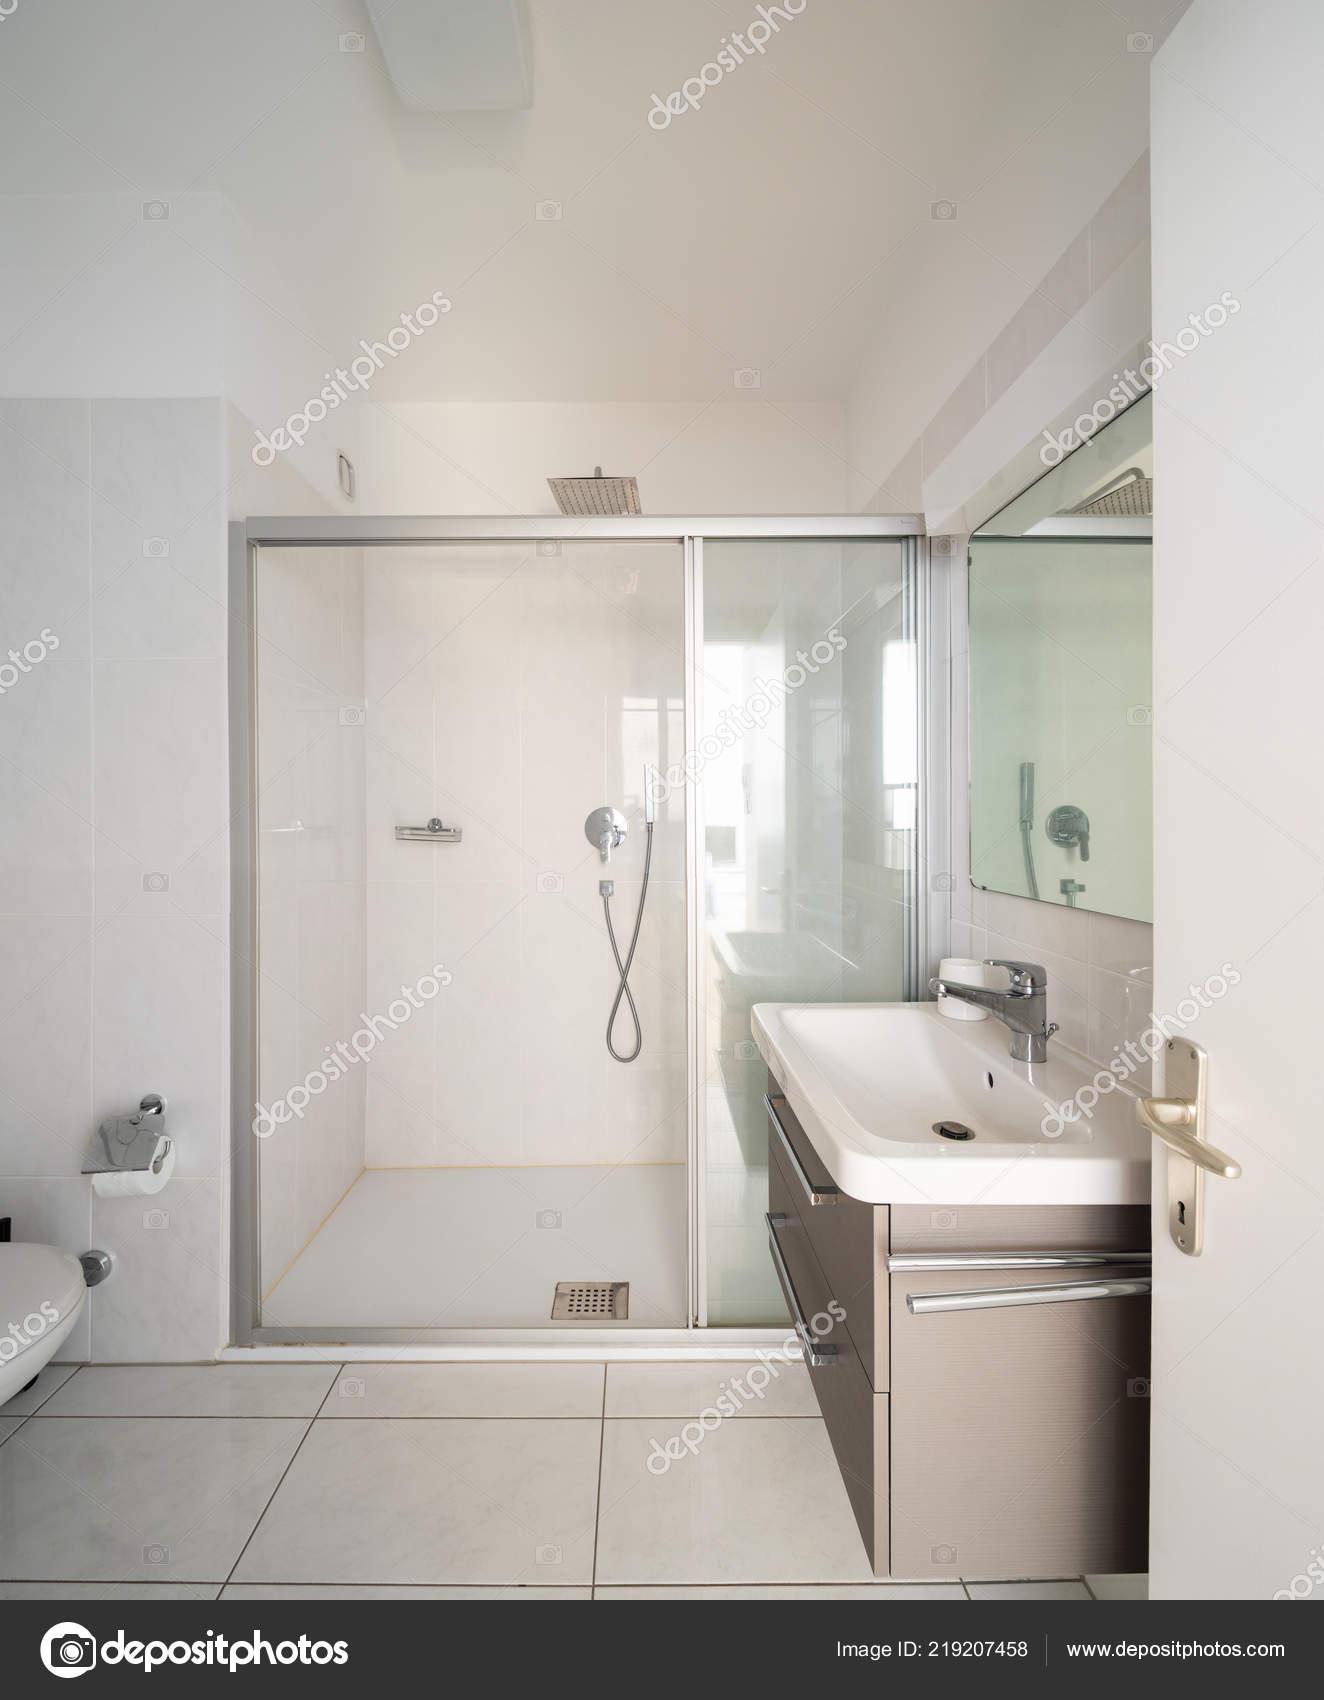 vorderansicht modernes badezimmer mit dusche und waschbecken niemand